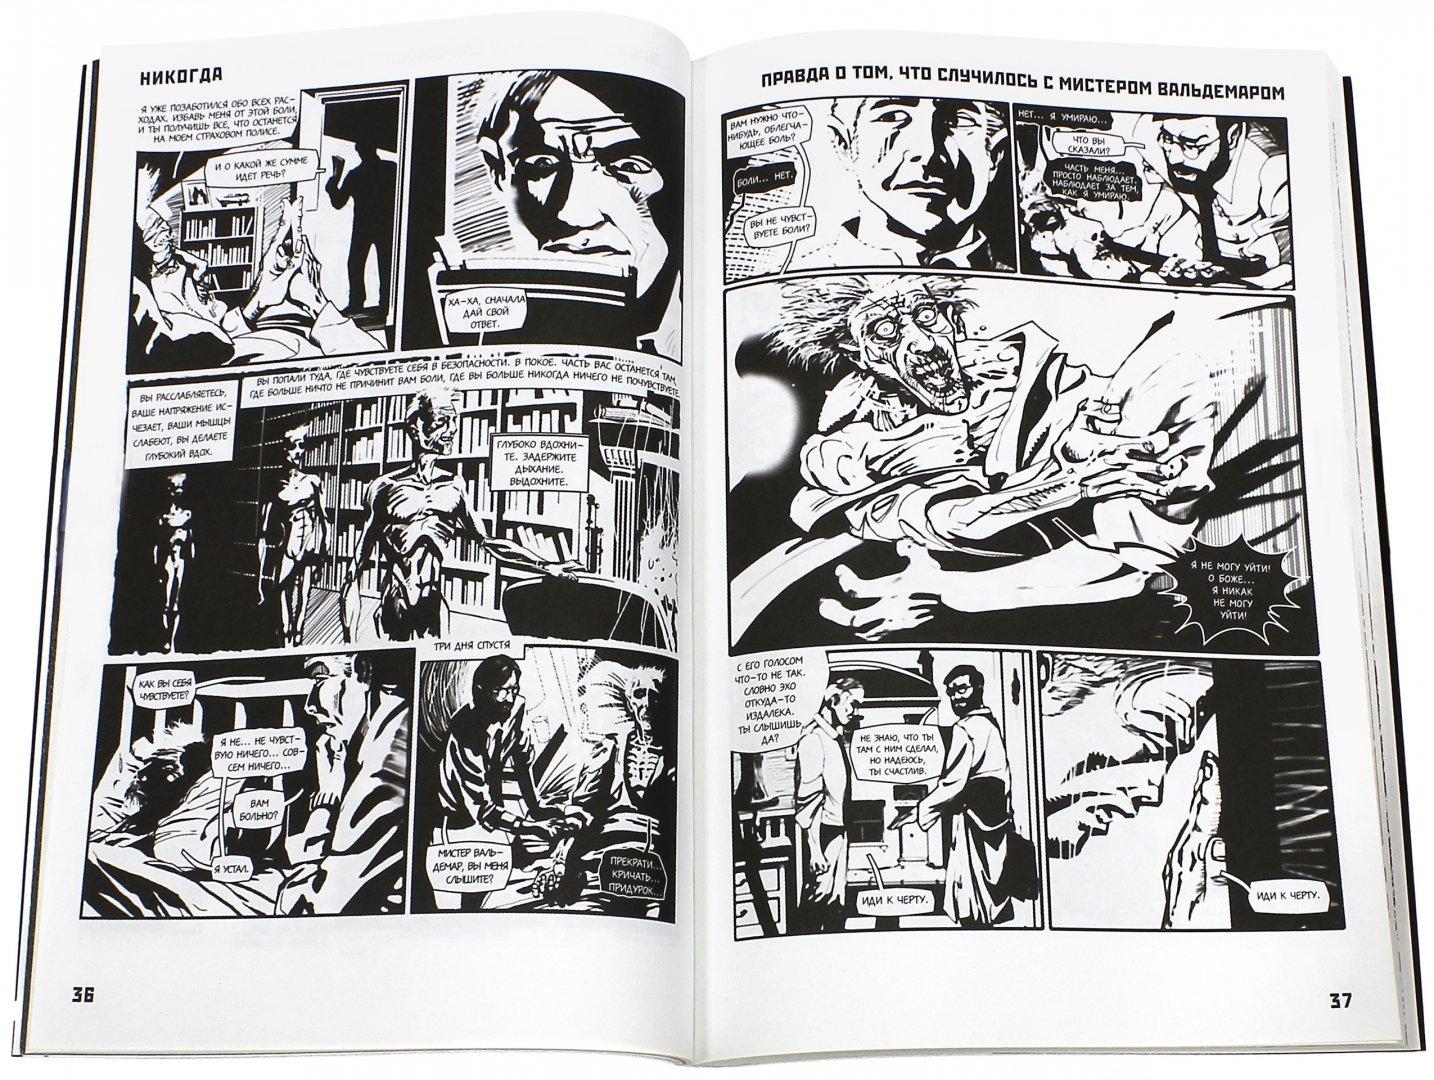 Иллюстрация 1 из 10 для Никогда - По, Корман, Уайтхед | Лабиринт - книги. Источник: Лабиринт